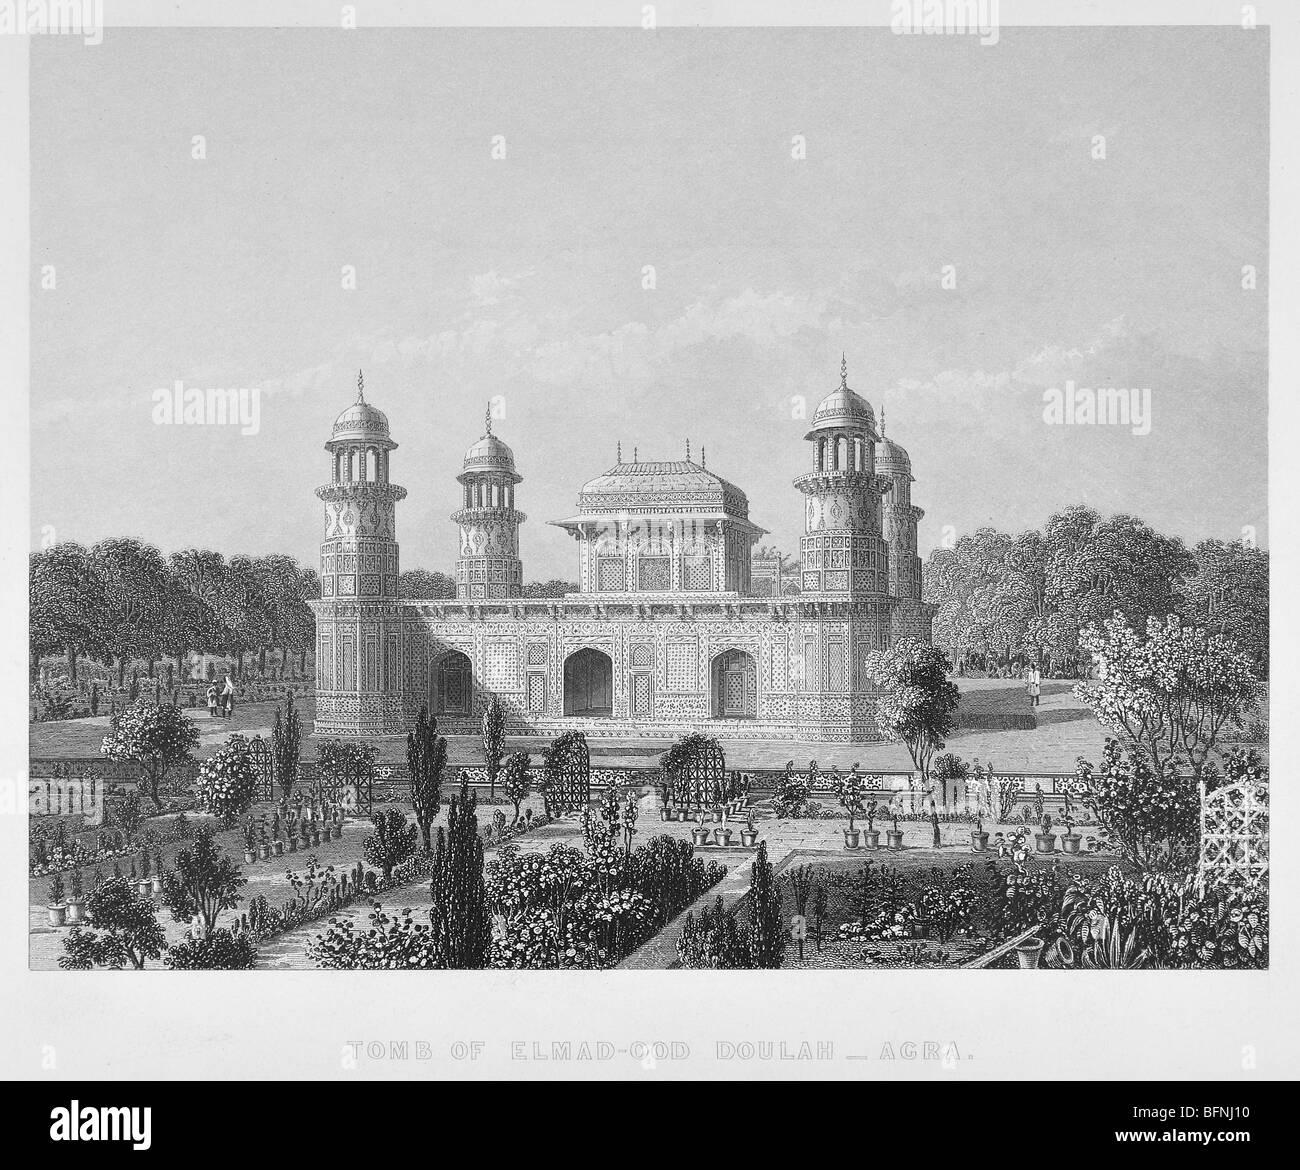 Tomb of Elmad-ud-Dowlah – Agra Stock Photo